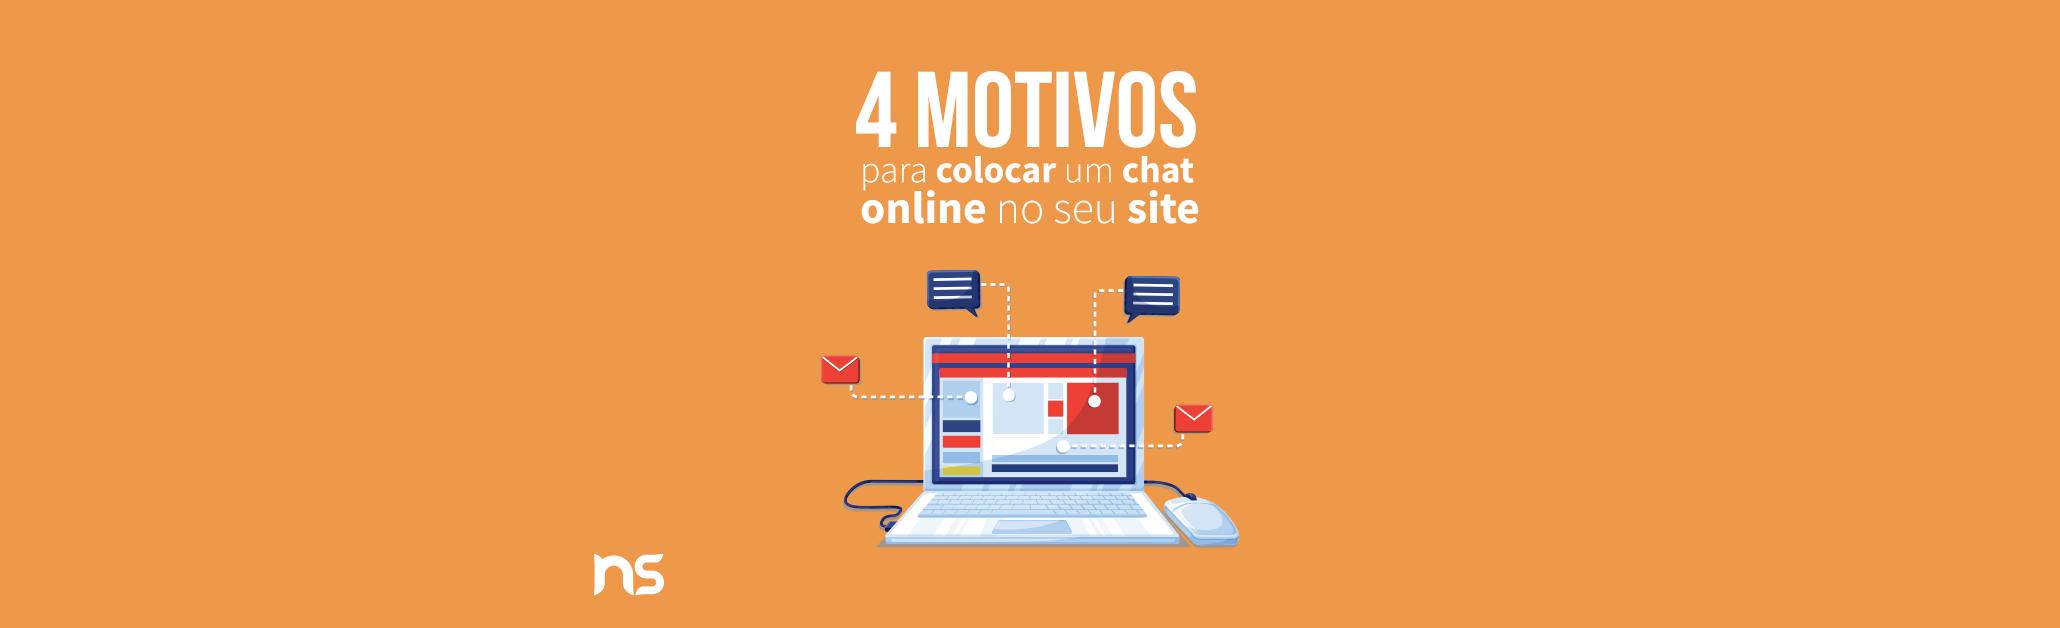 4 motivos para colocar um chat online no seu site